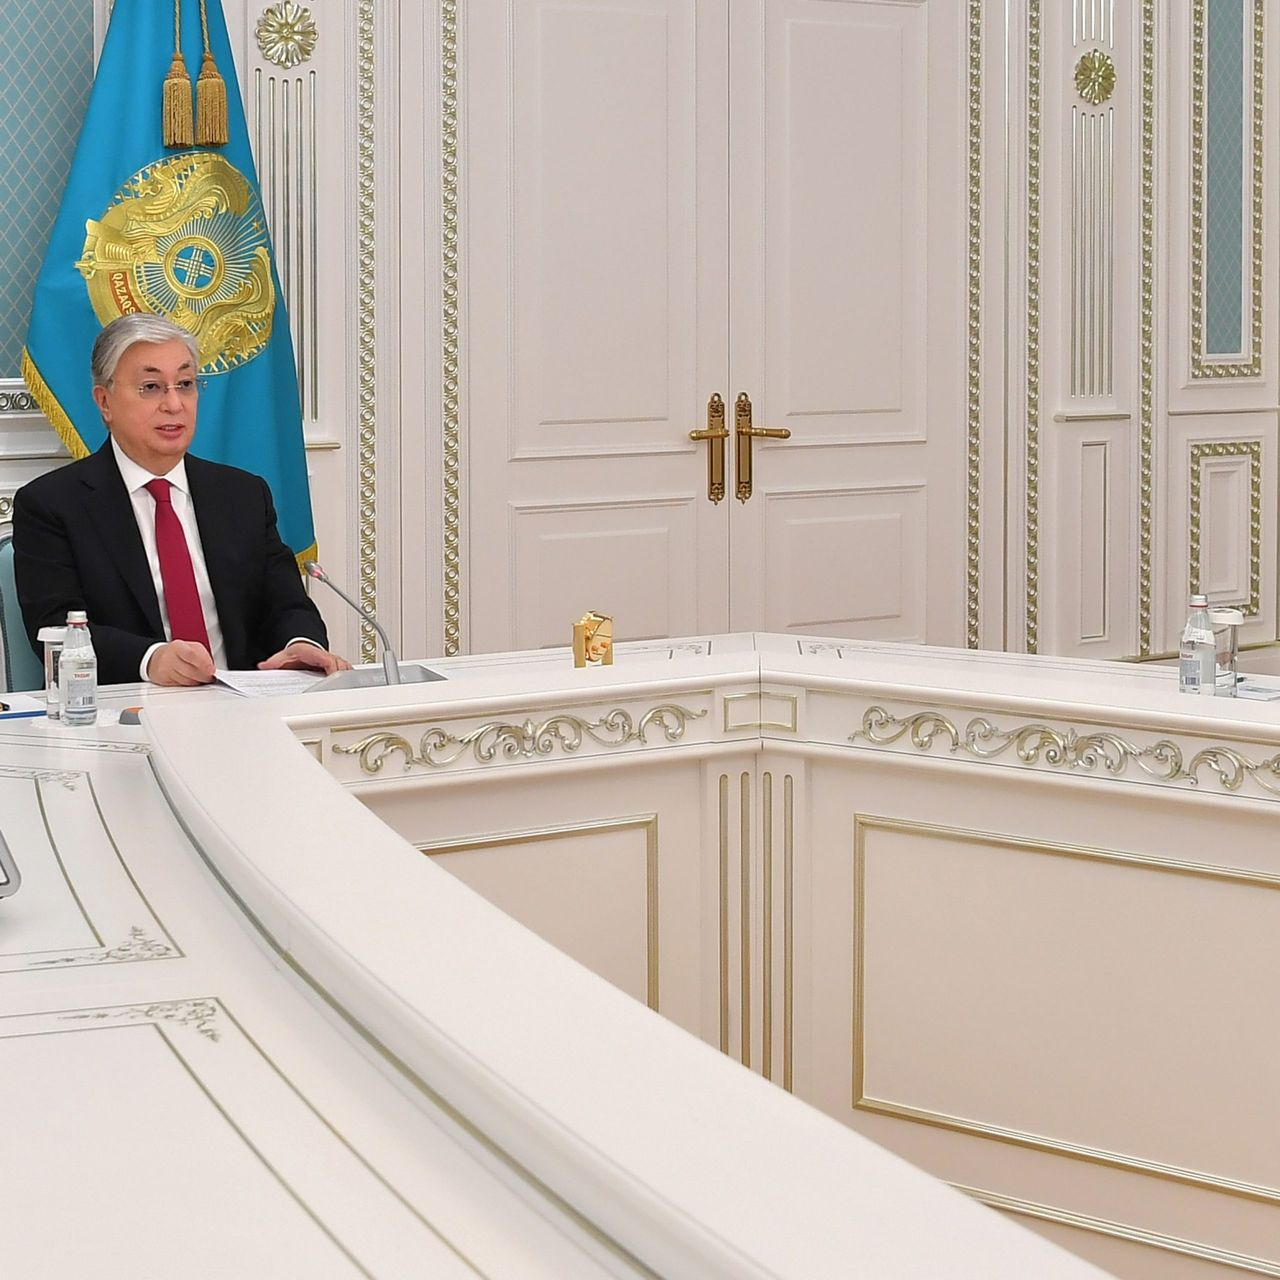 Мемлекет басшысы Еуропалық қайта құру және даму банкінің президенті Одиль Рено-Бассомен кездесті